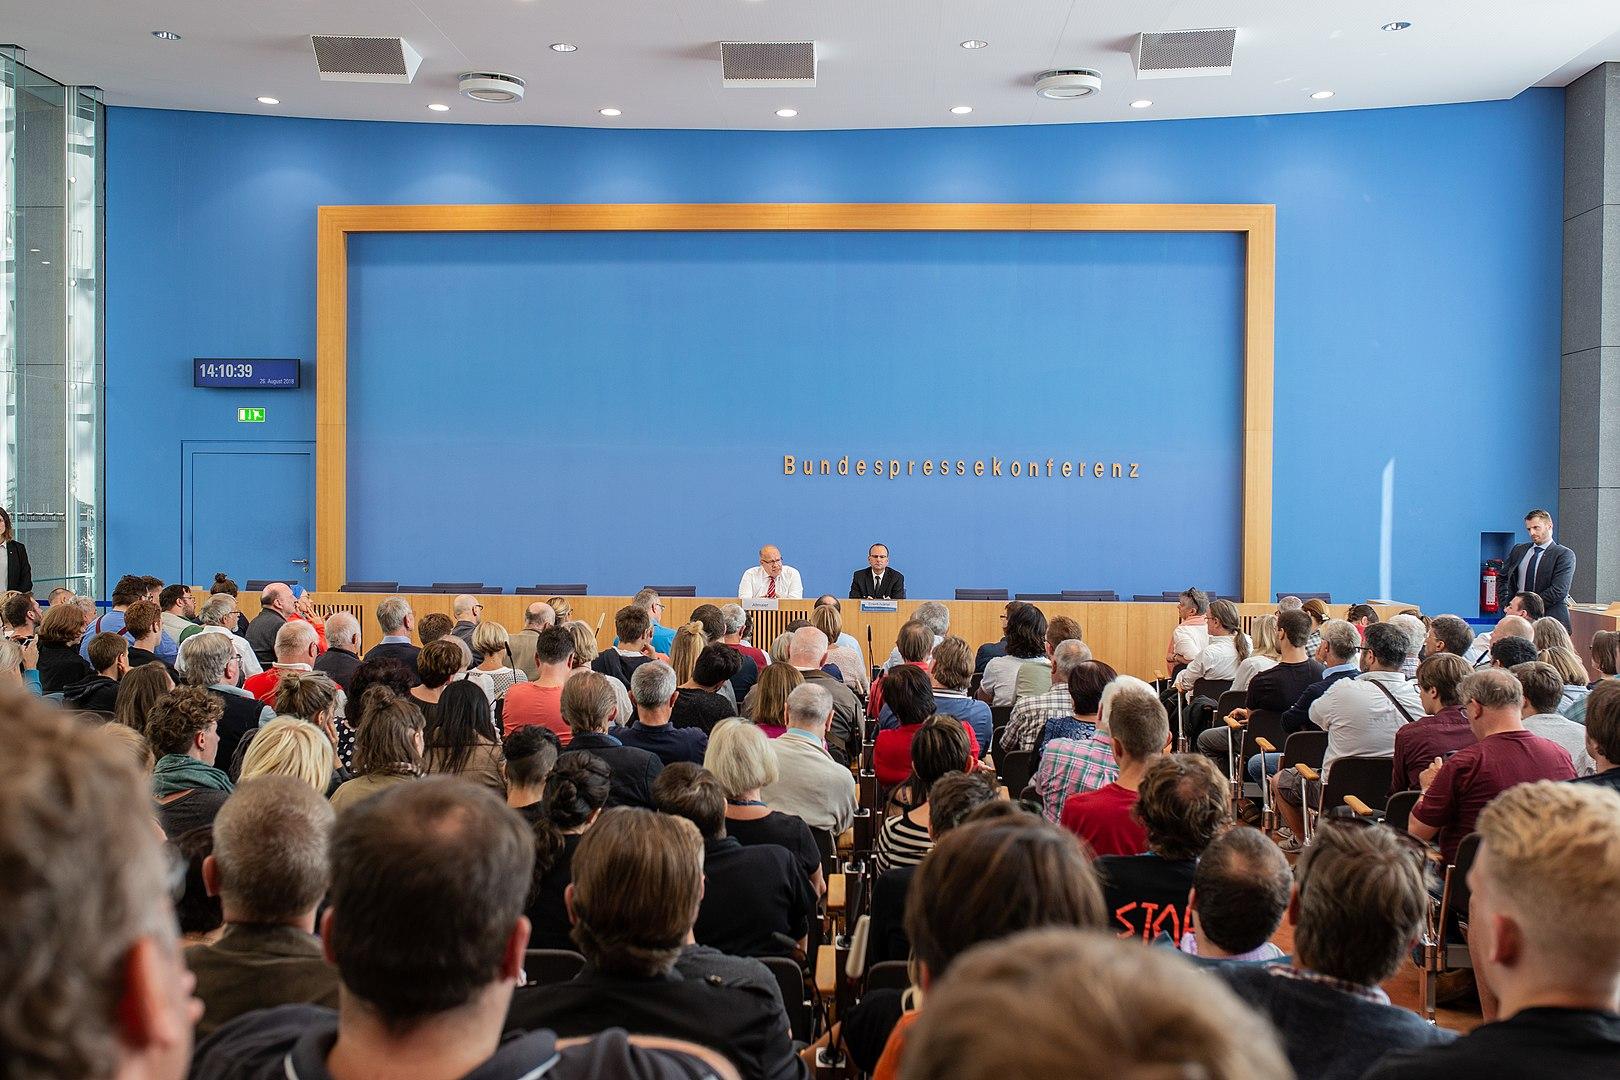 boris-reitschuster-soll-aus-bundespressekonferenz-entfernt-werden